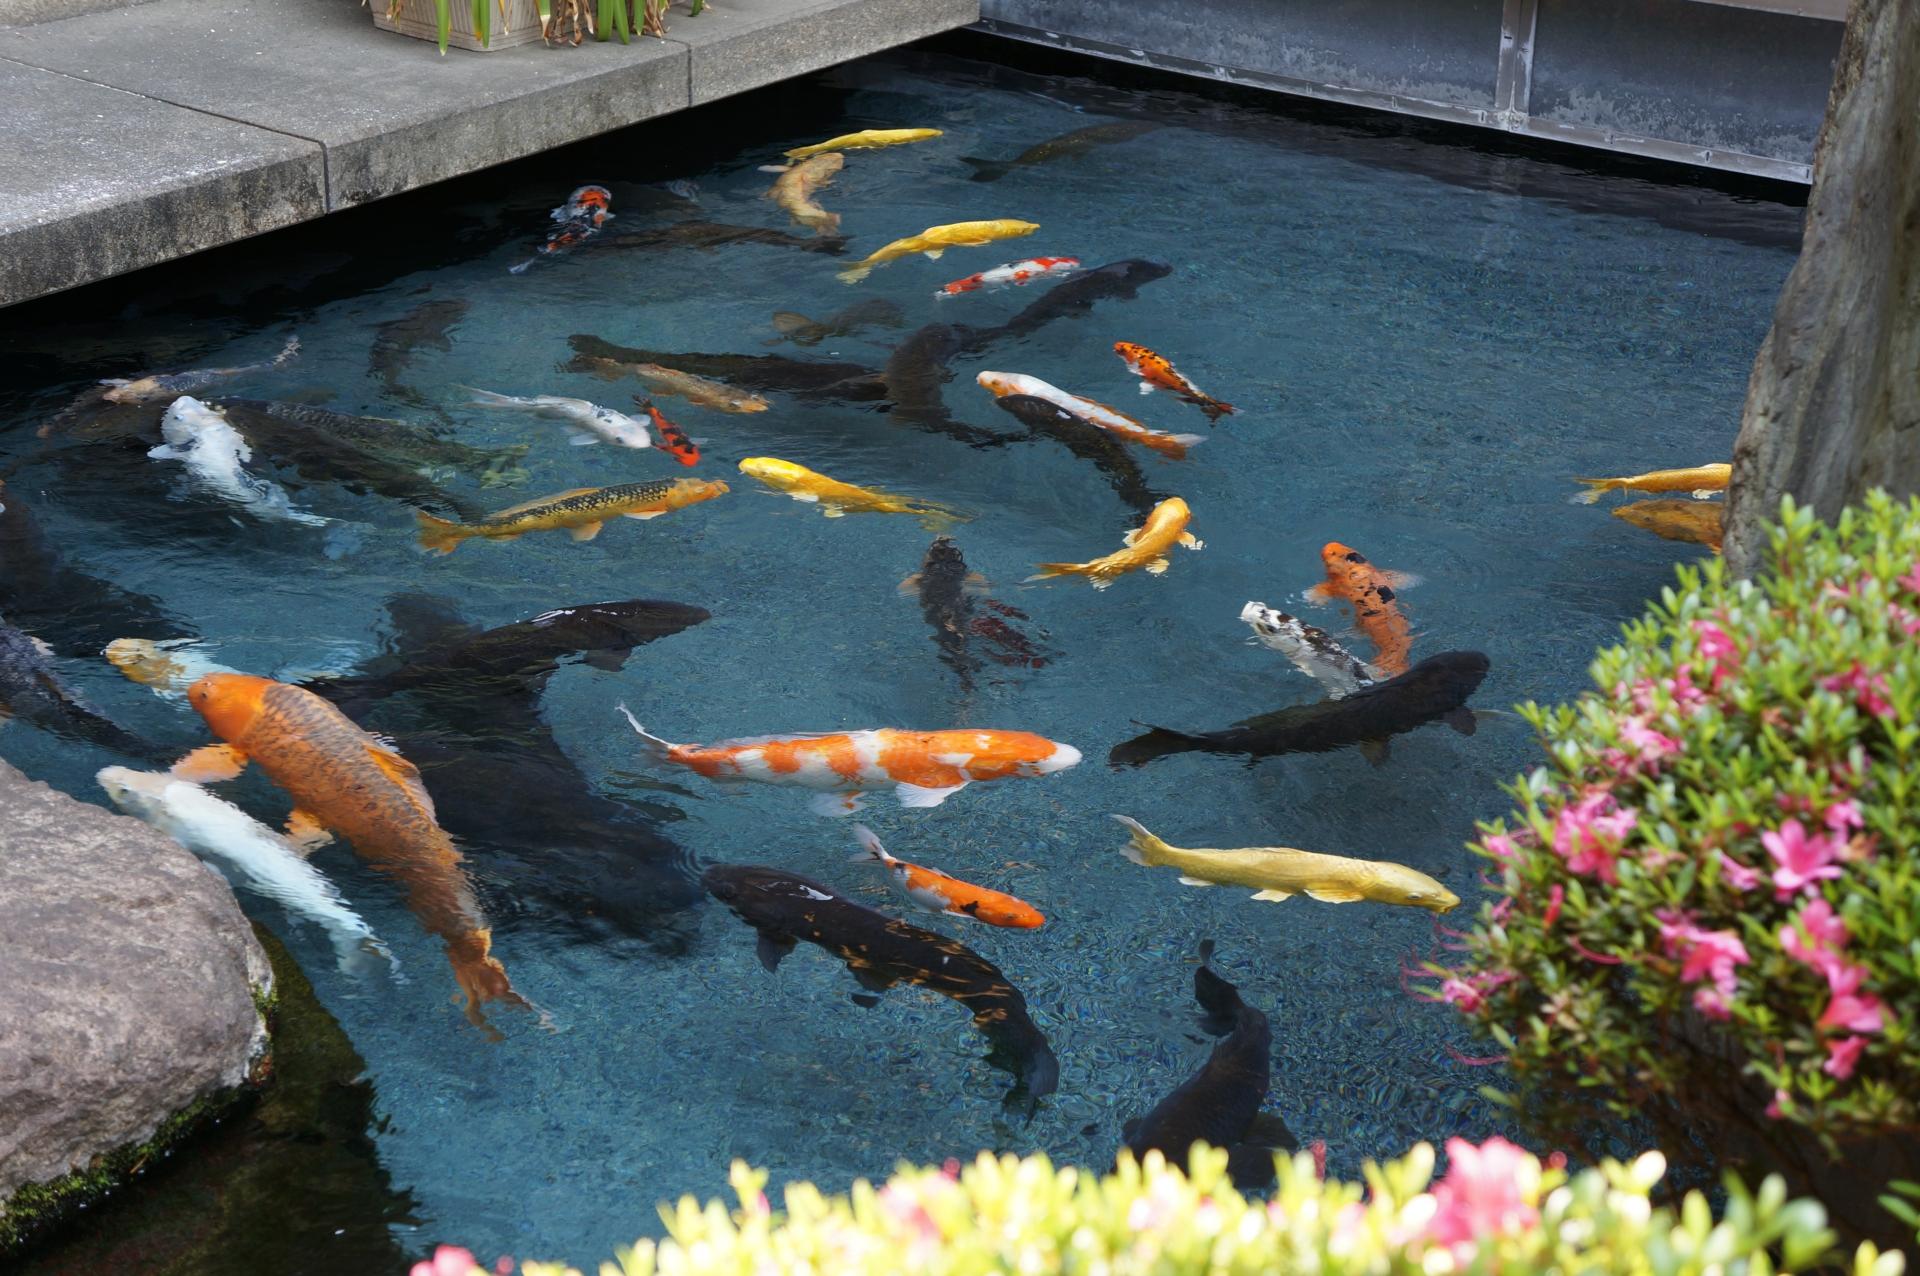 新潟県発祥の錦鯉。赤や白の鯉などを交配させて作り上げてきた。県内で品種改良や養殖が行われ、現在は全国各地に養殖業者が点在。日本国内だけではなく近年は海外への輸出が拡大している。